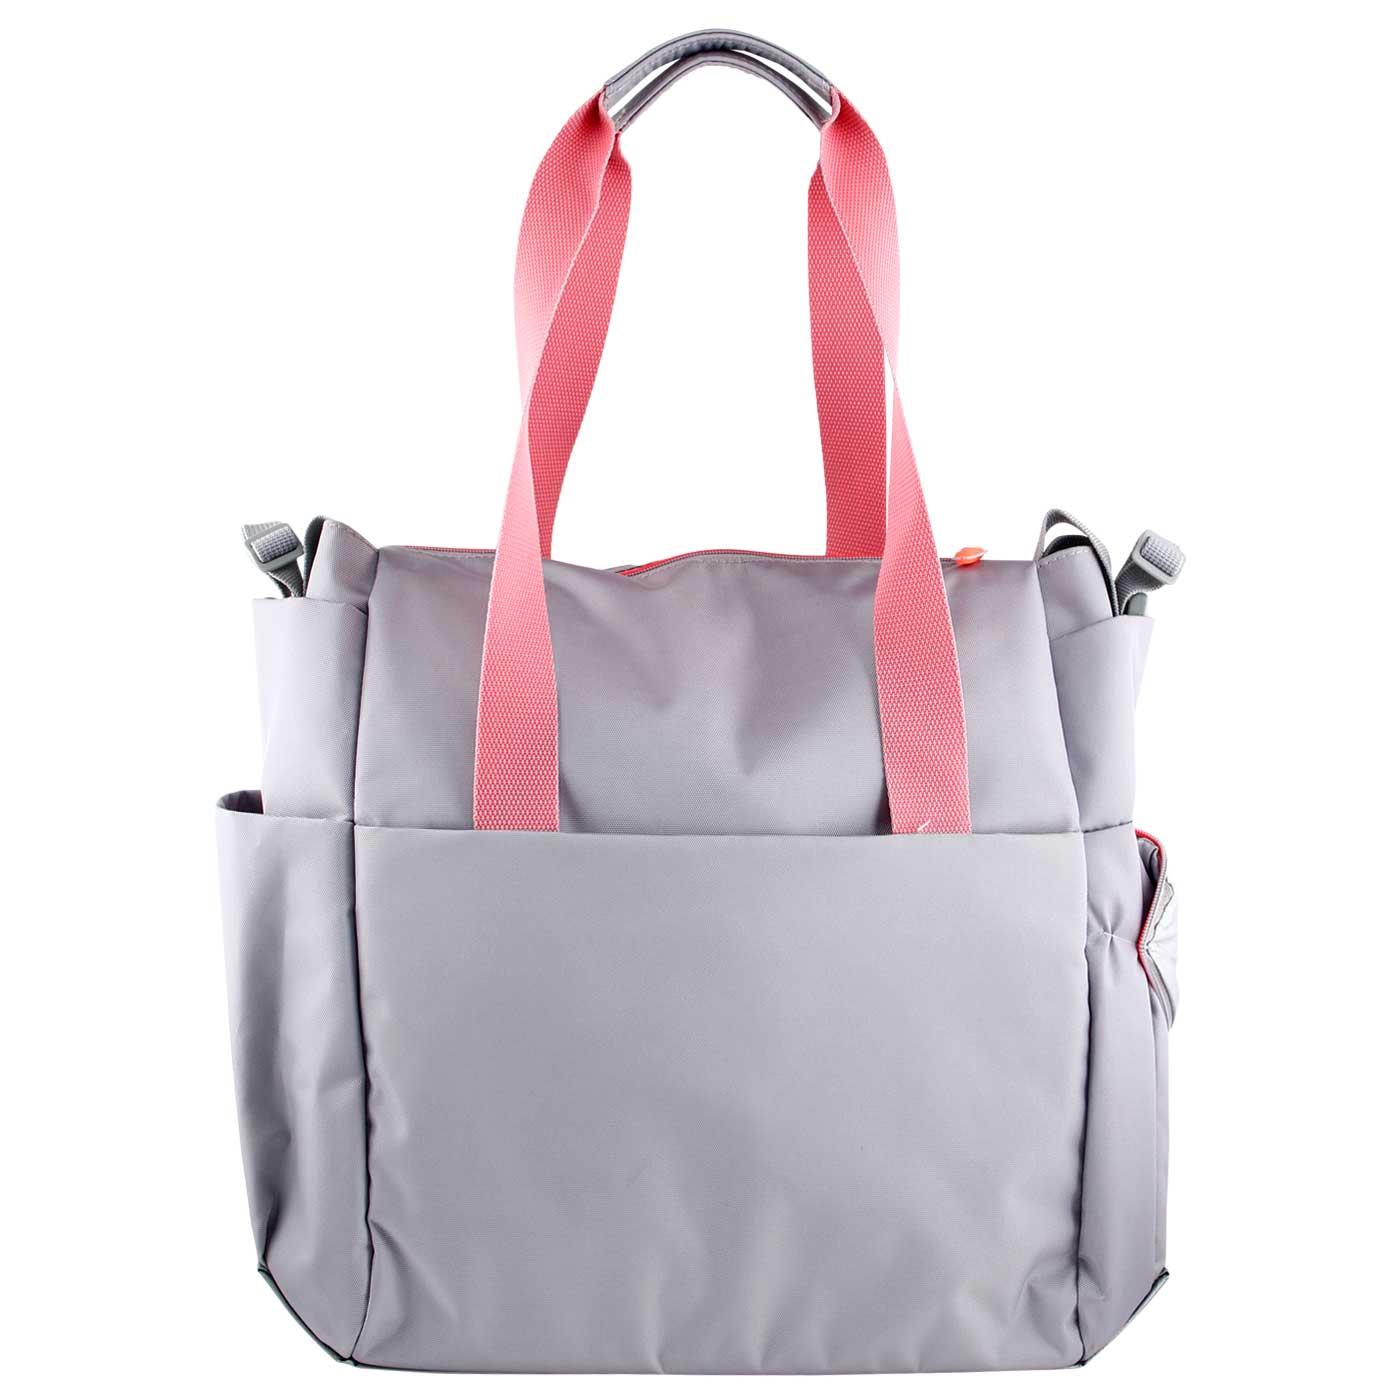 Skiphop Diaper Tote Bag Fit All Access - Platinum/Coral 5